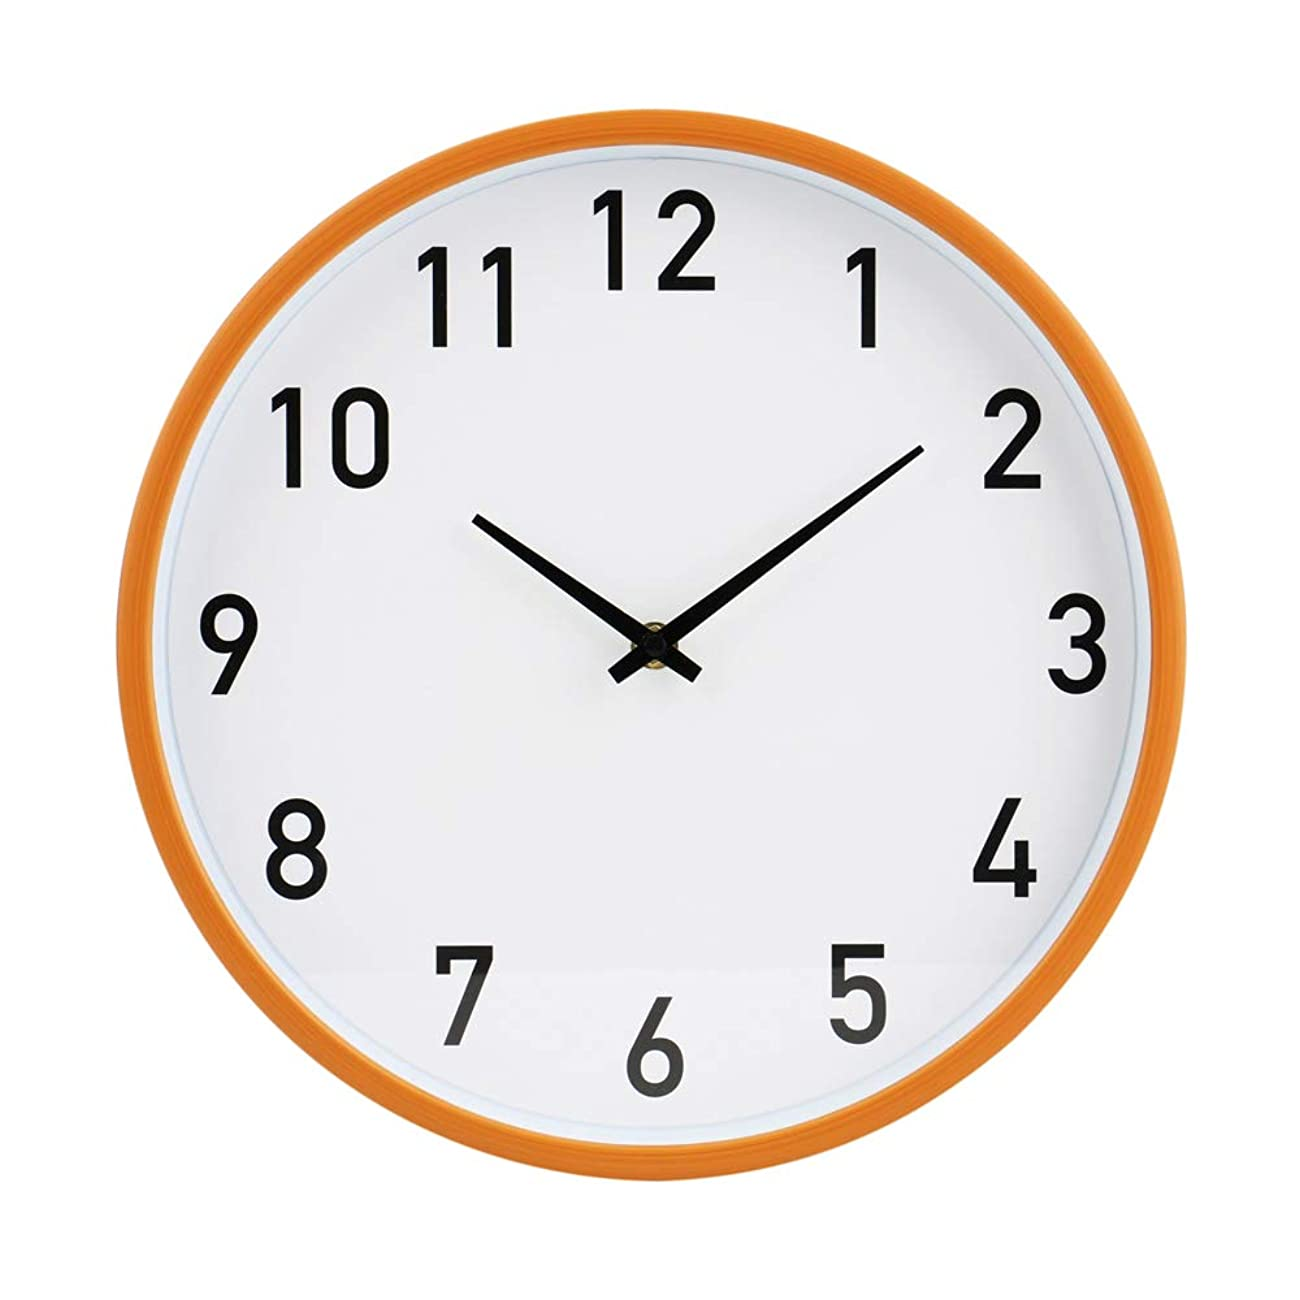 商品からに変化する精通した掛け時計 木目調時計アナログ 静音 インテリア サイレントムーブメント アート 大型 文字盤掛け時計【白盤/ブラックインデックス】